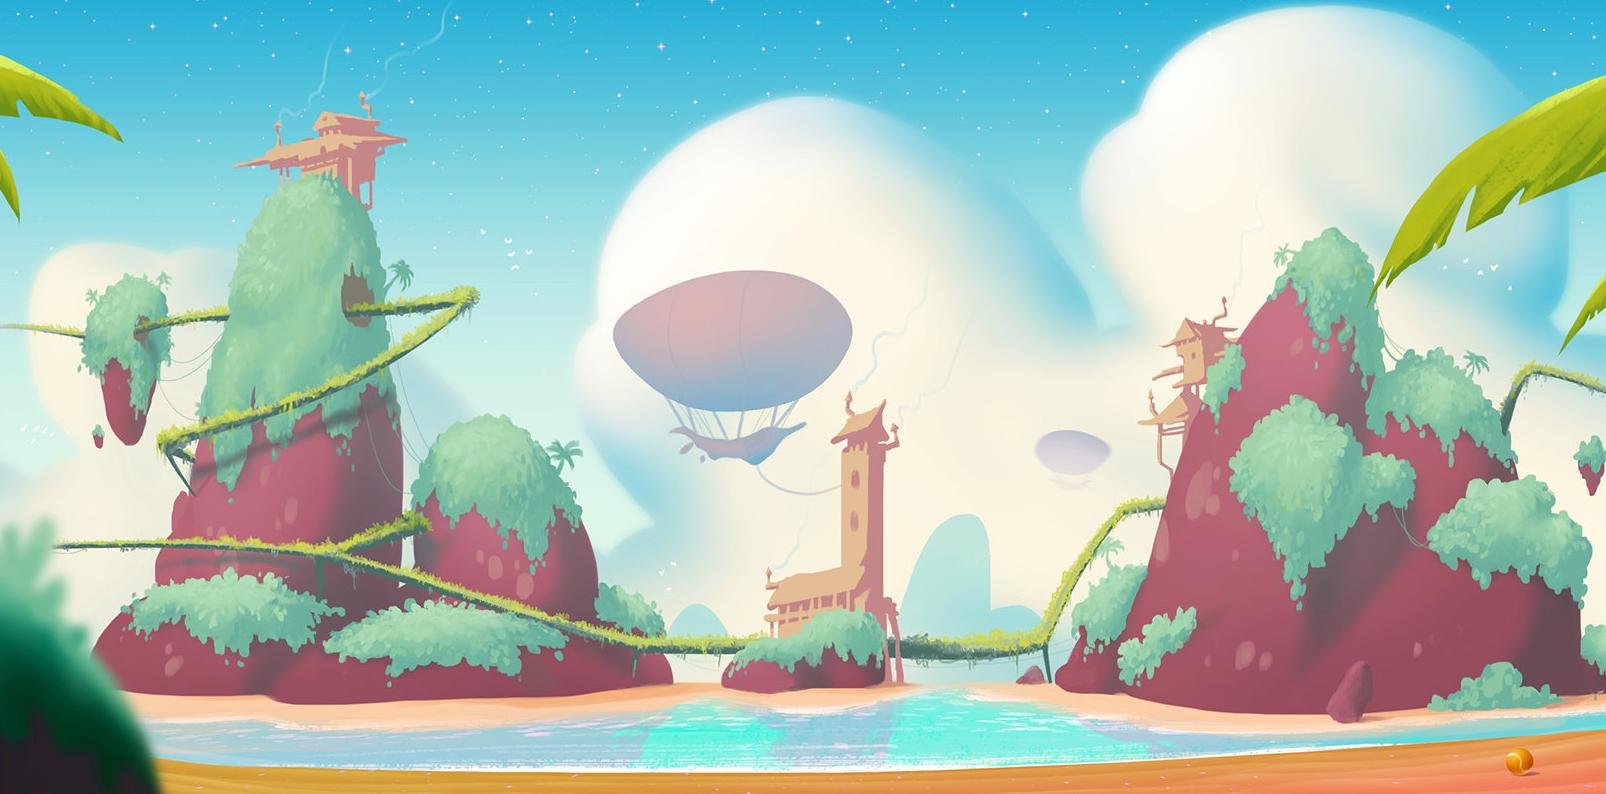 worlds3.jpg